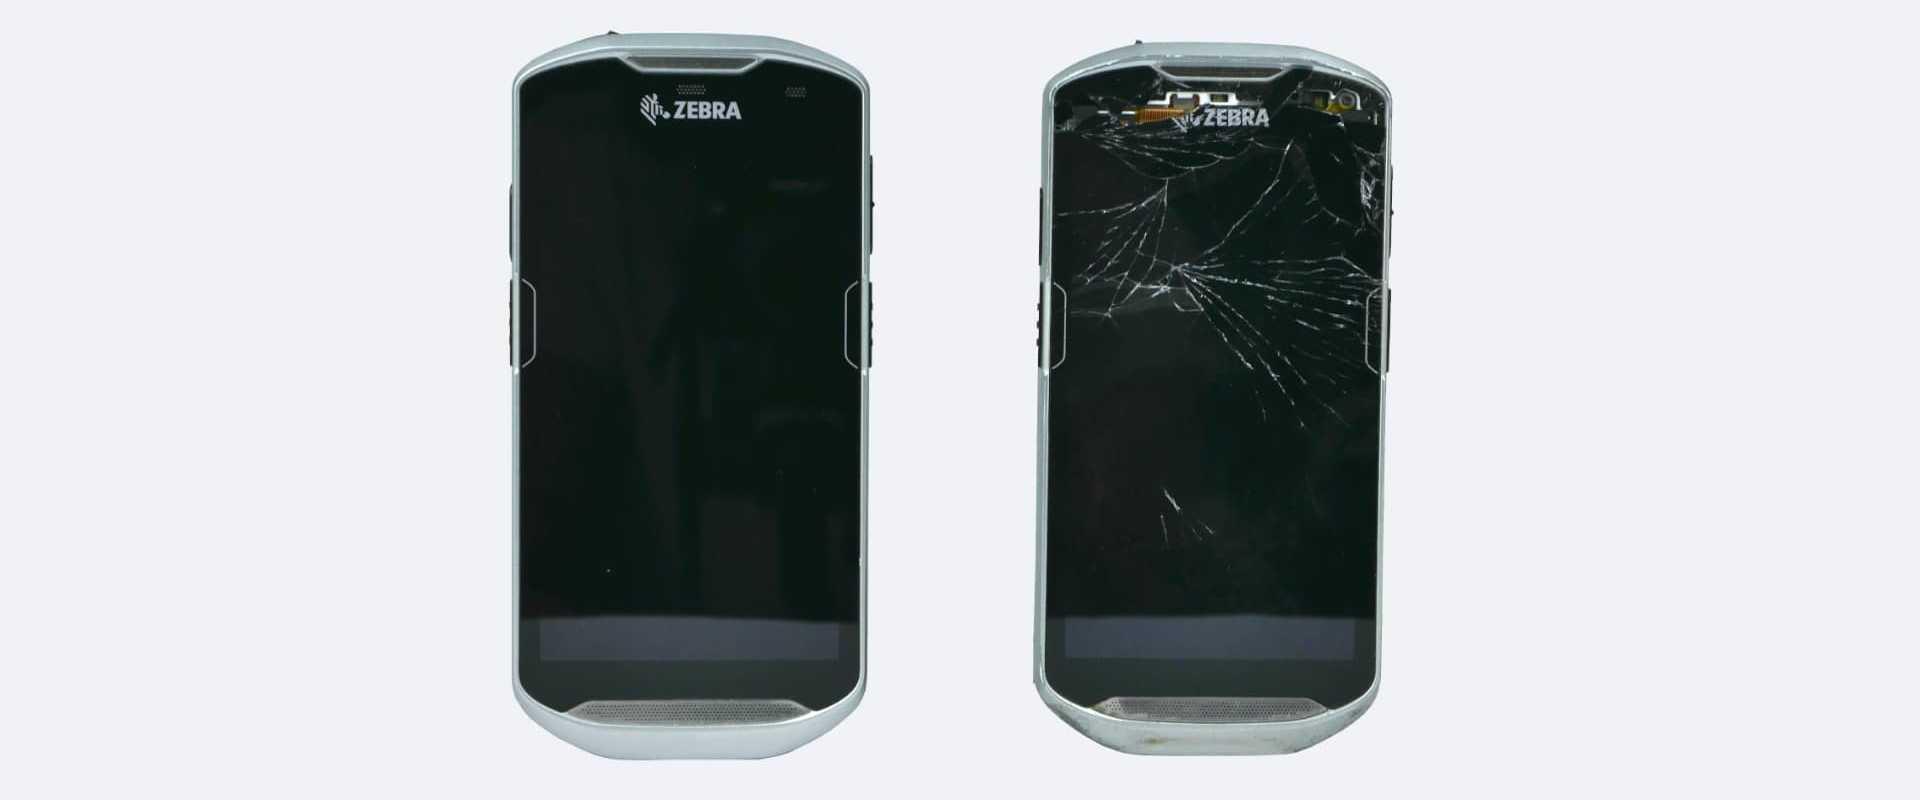 Reparatur von modernen Fulltouch MDE Geräte und Displaytausch